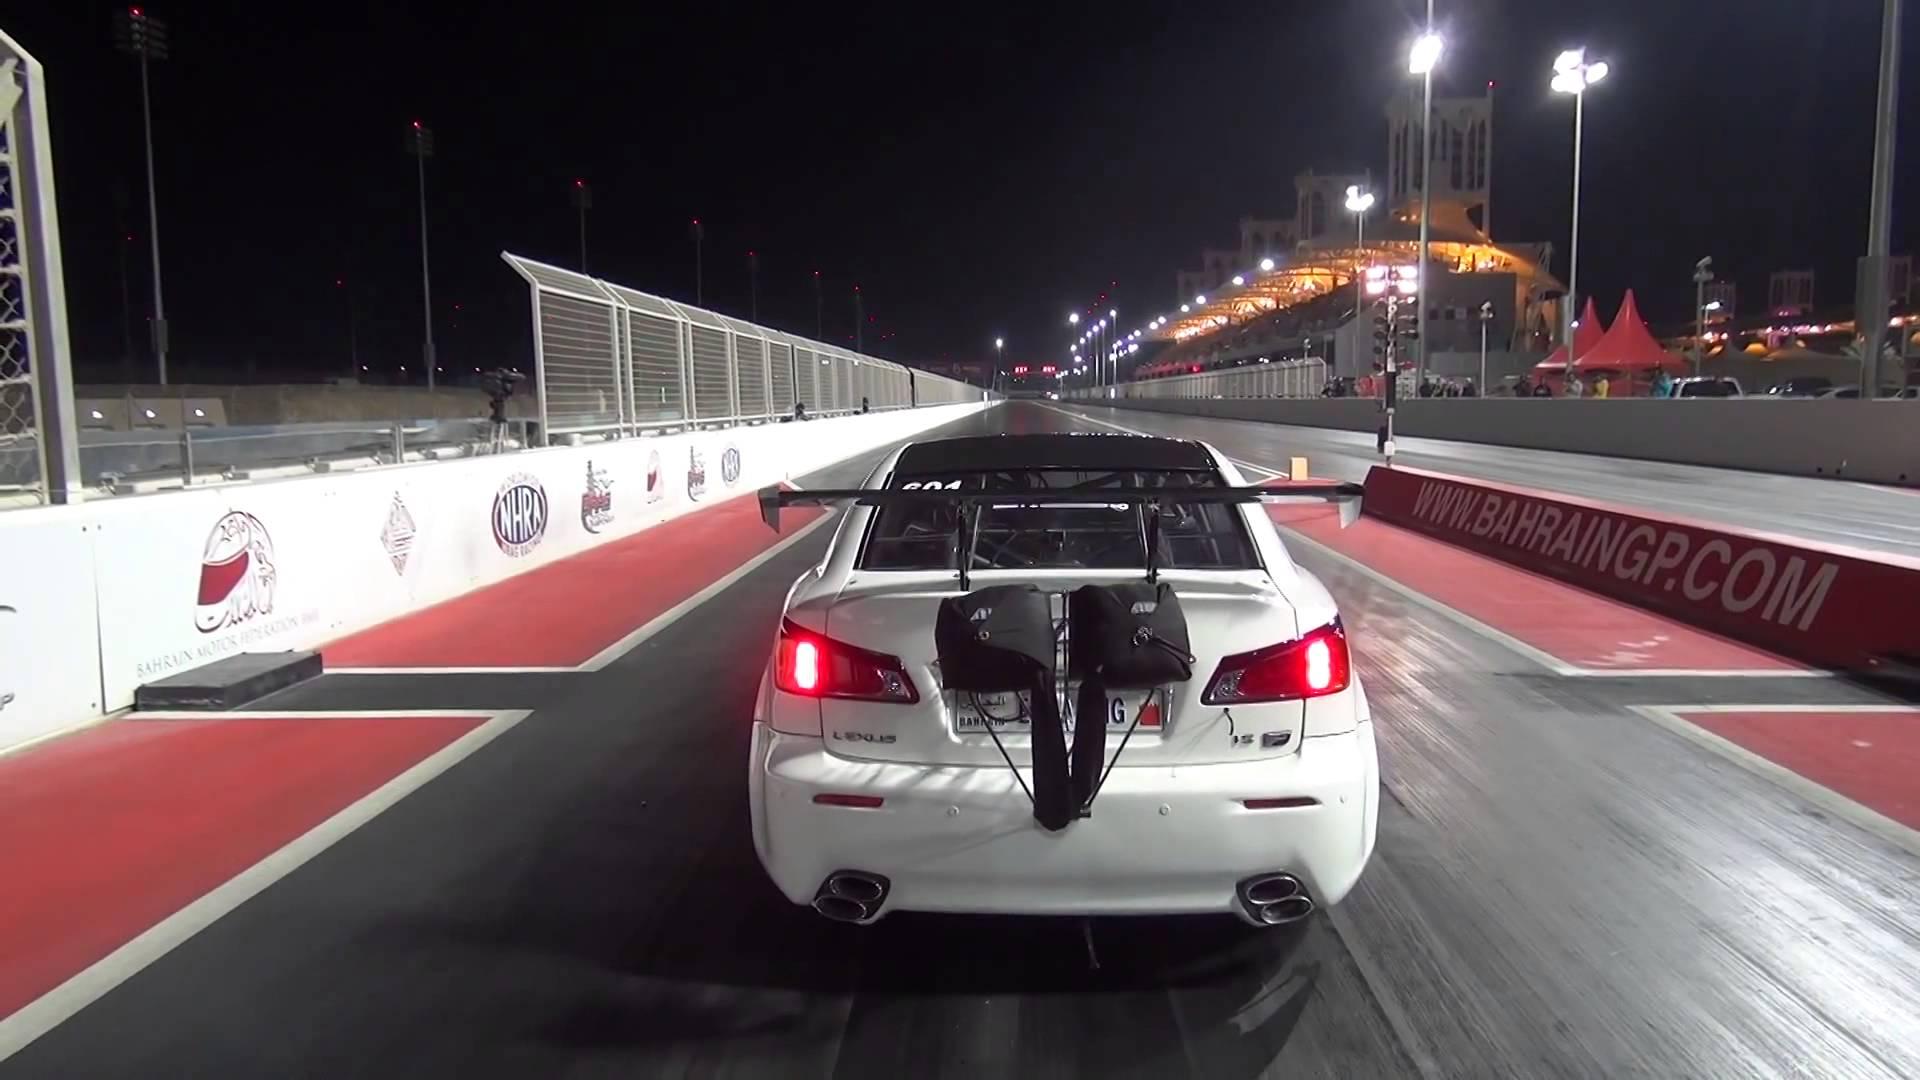 Lexus ISF Twin Turbo tak szybki, że aż poleciał!